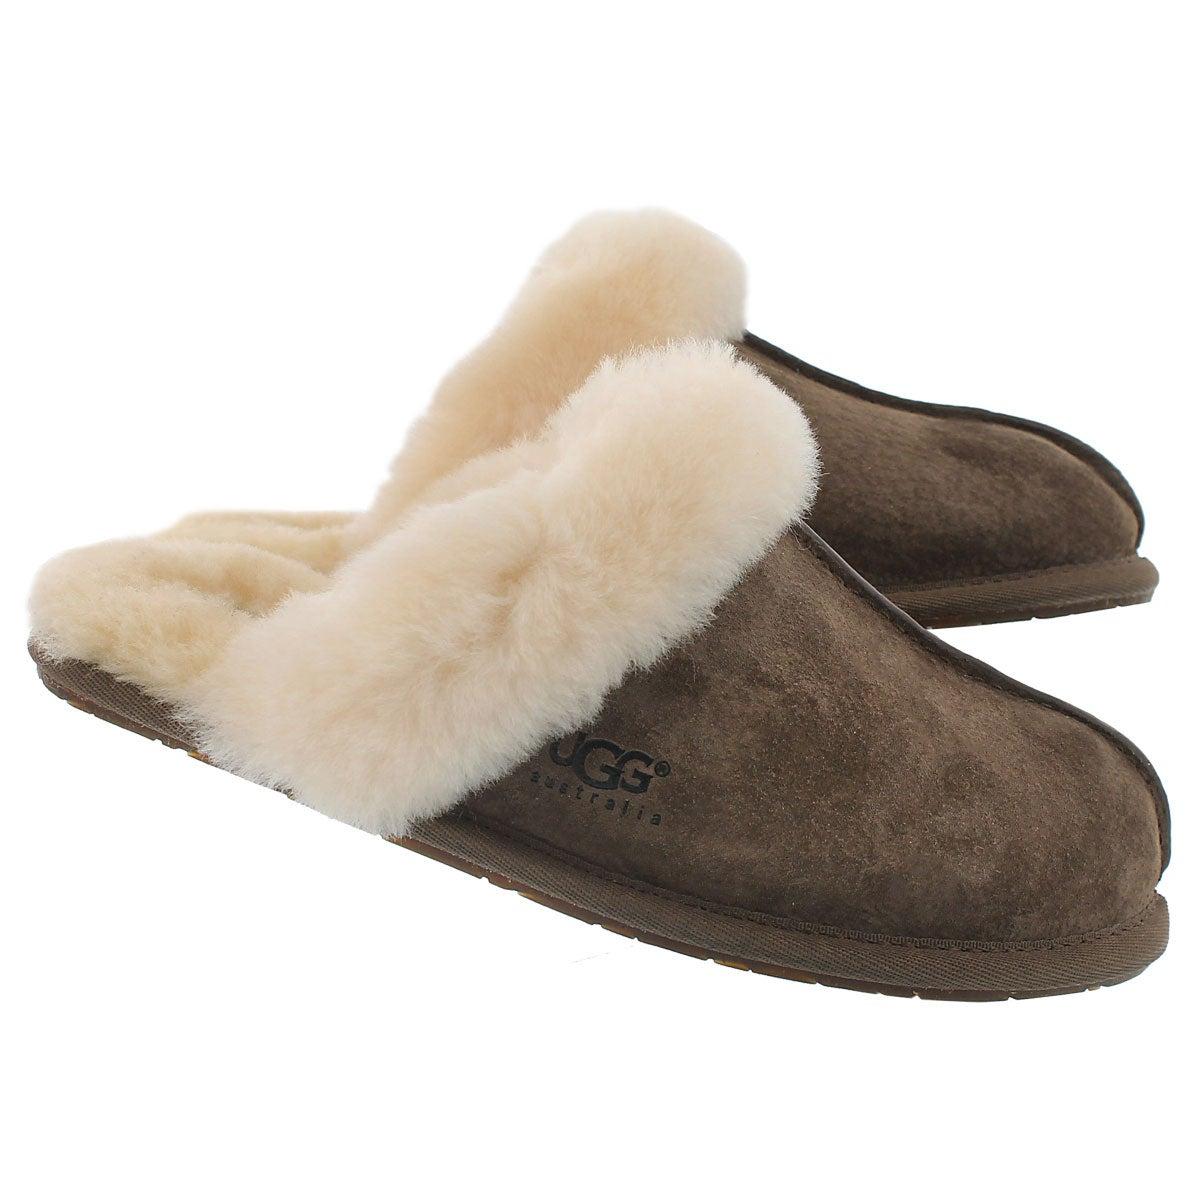 Lds Scuffette espresso sheepskin slipper